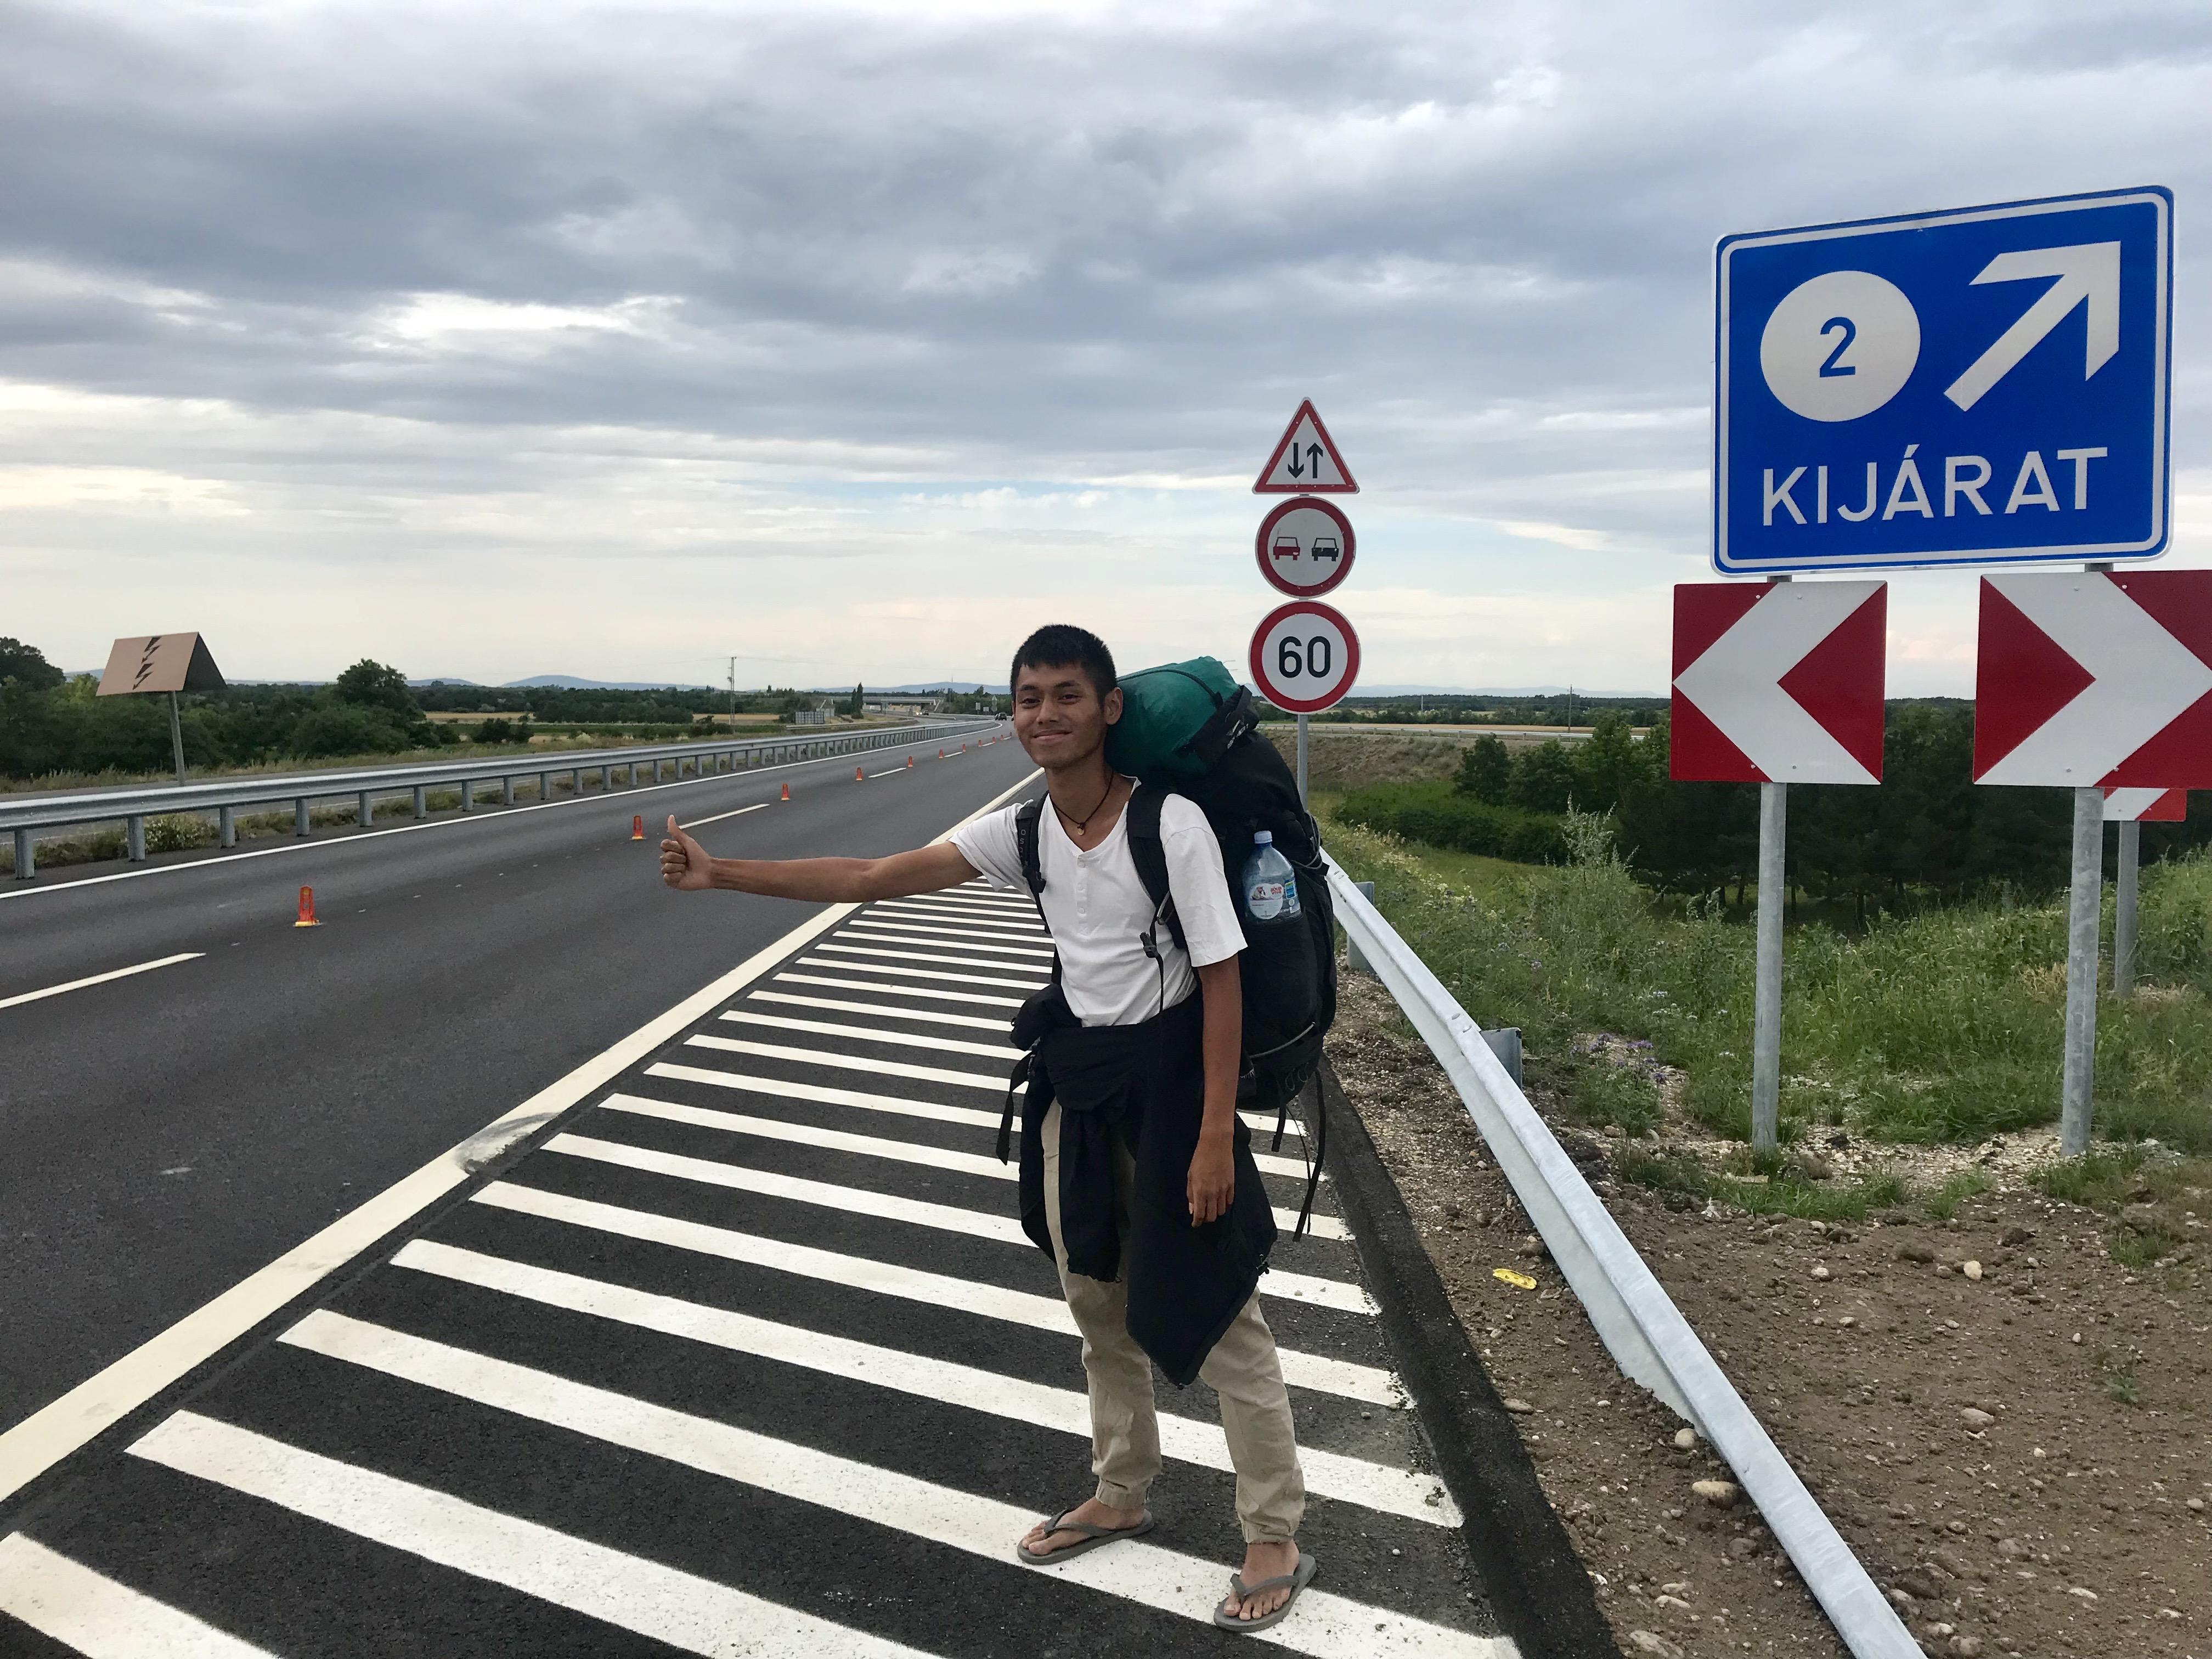 Ganesha mencari tumpangan di Republik Ceko. Dia ingin pergi ke Slovenia.